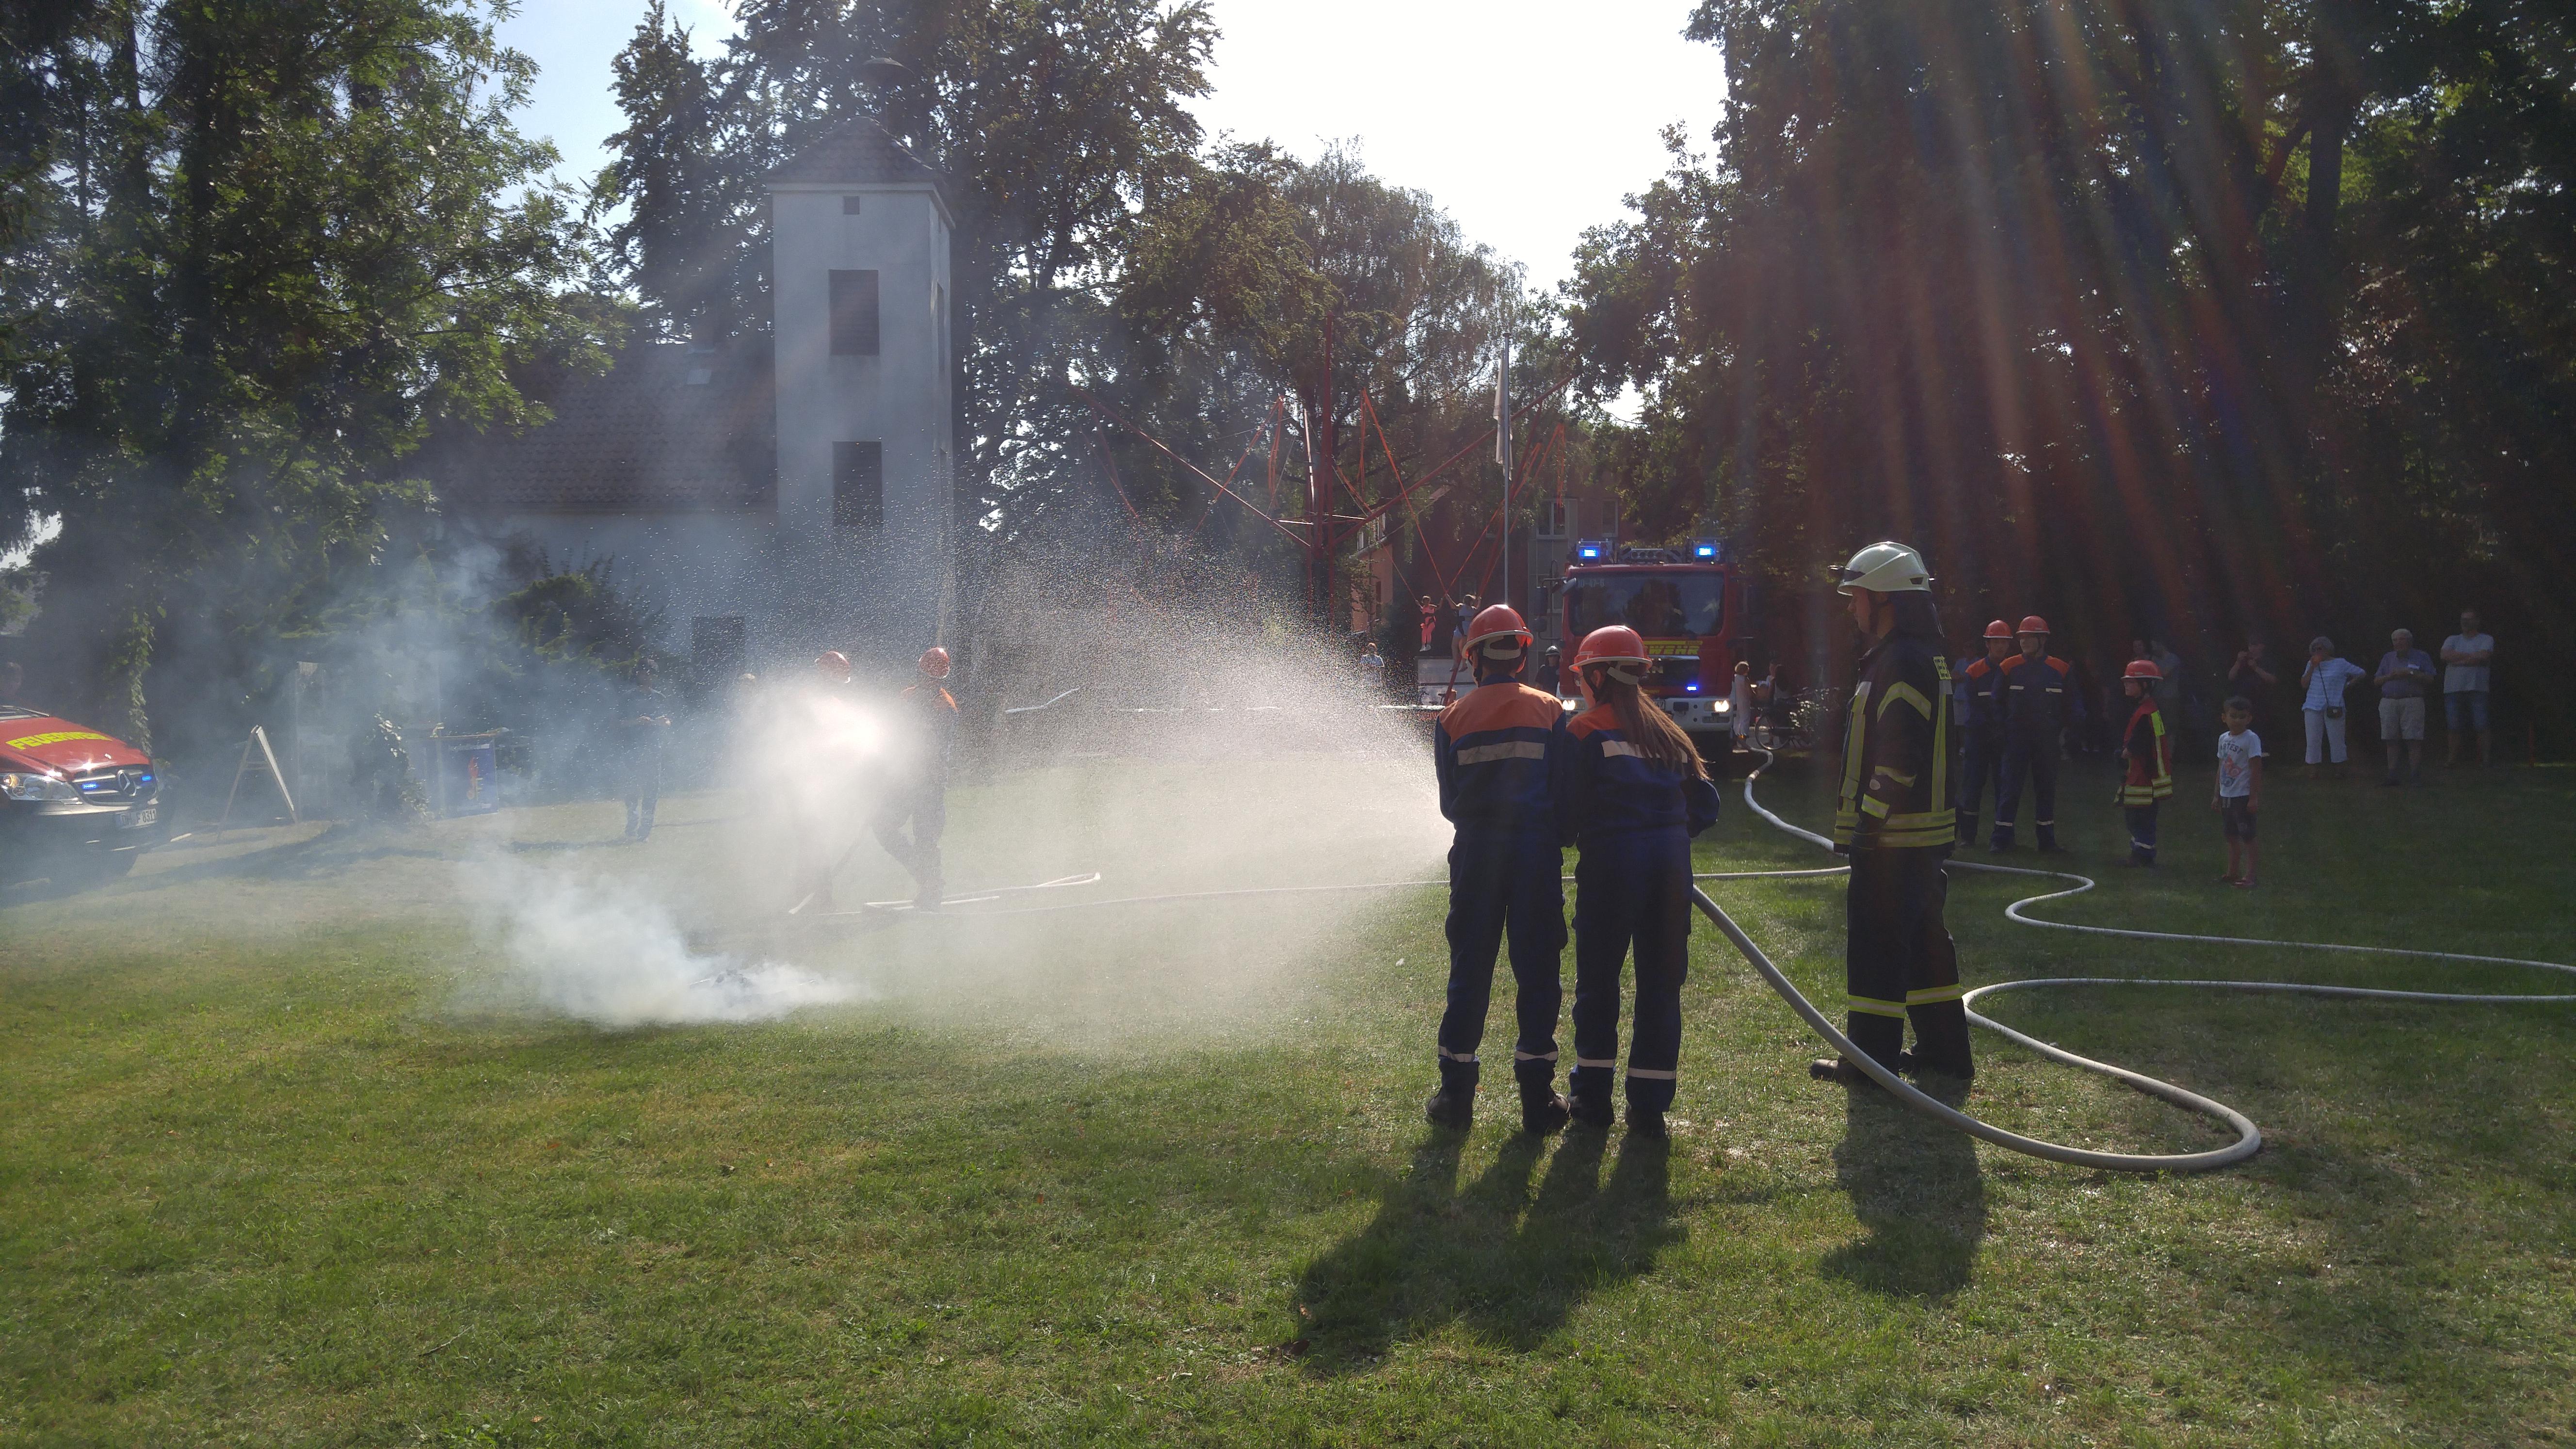 Die Jugendfeuerwehr Stuhr und Brinkum löscht in einer Übung zu Präsentationszwecken einen kleinen Brand in einer Feuerschale.